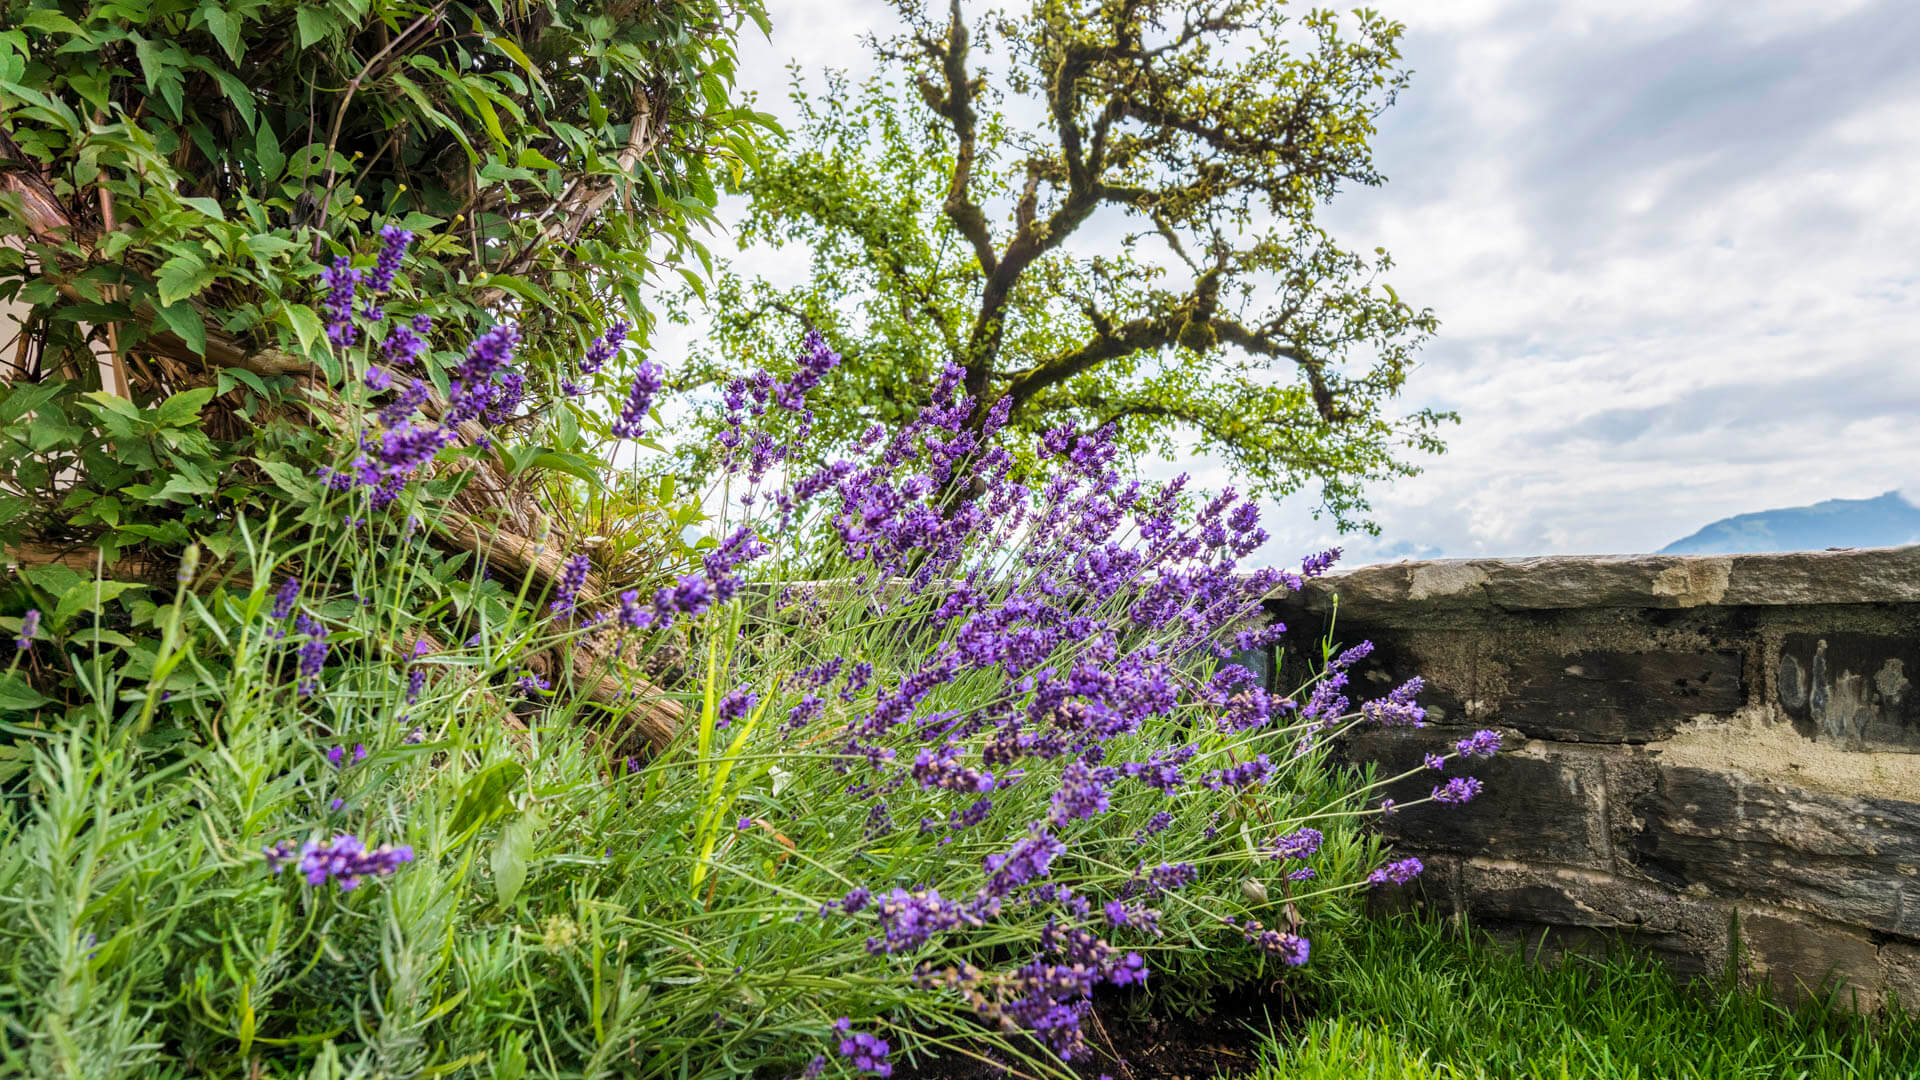 Lavendel mit Clematis und Apfelbaum im Hintergrund